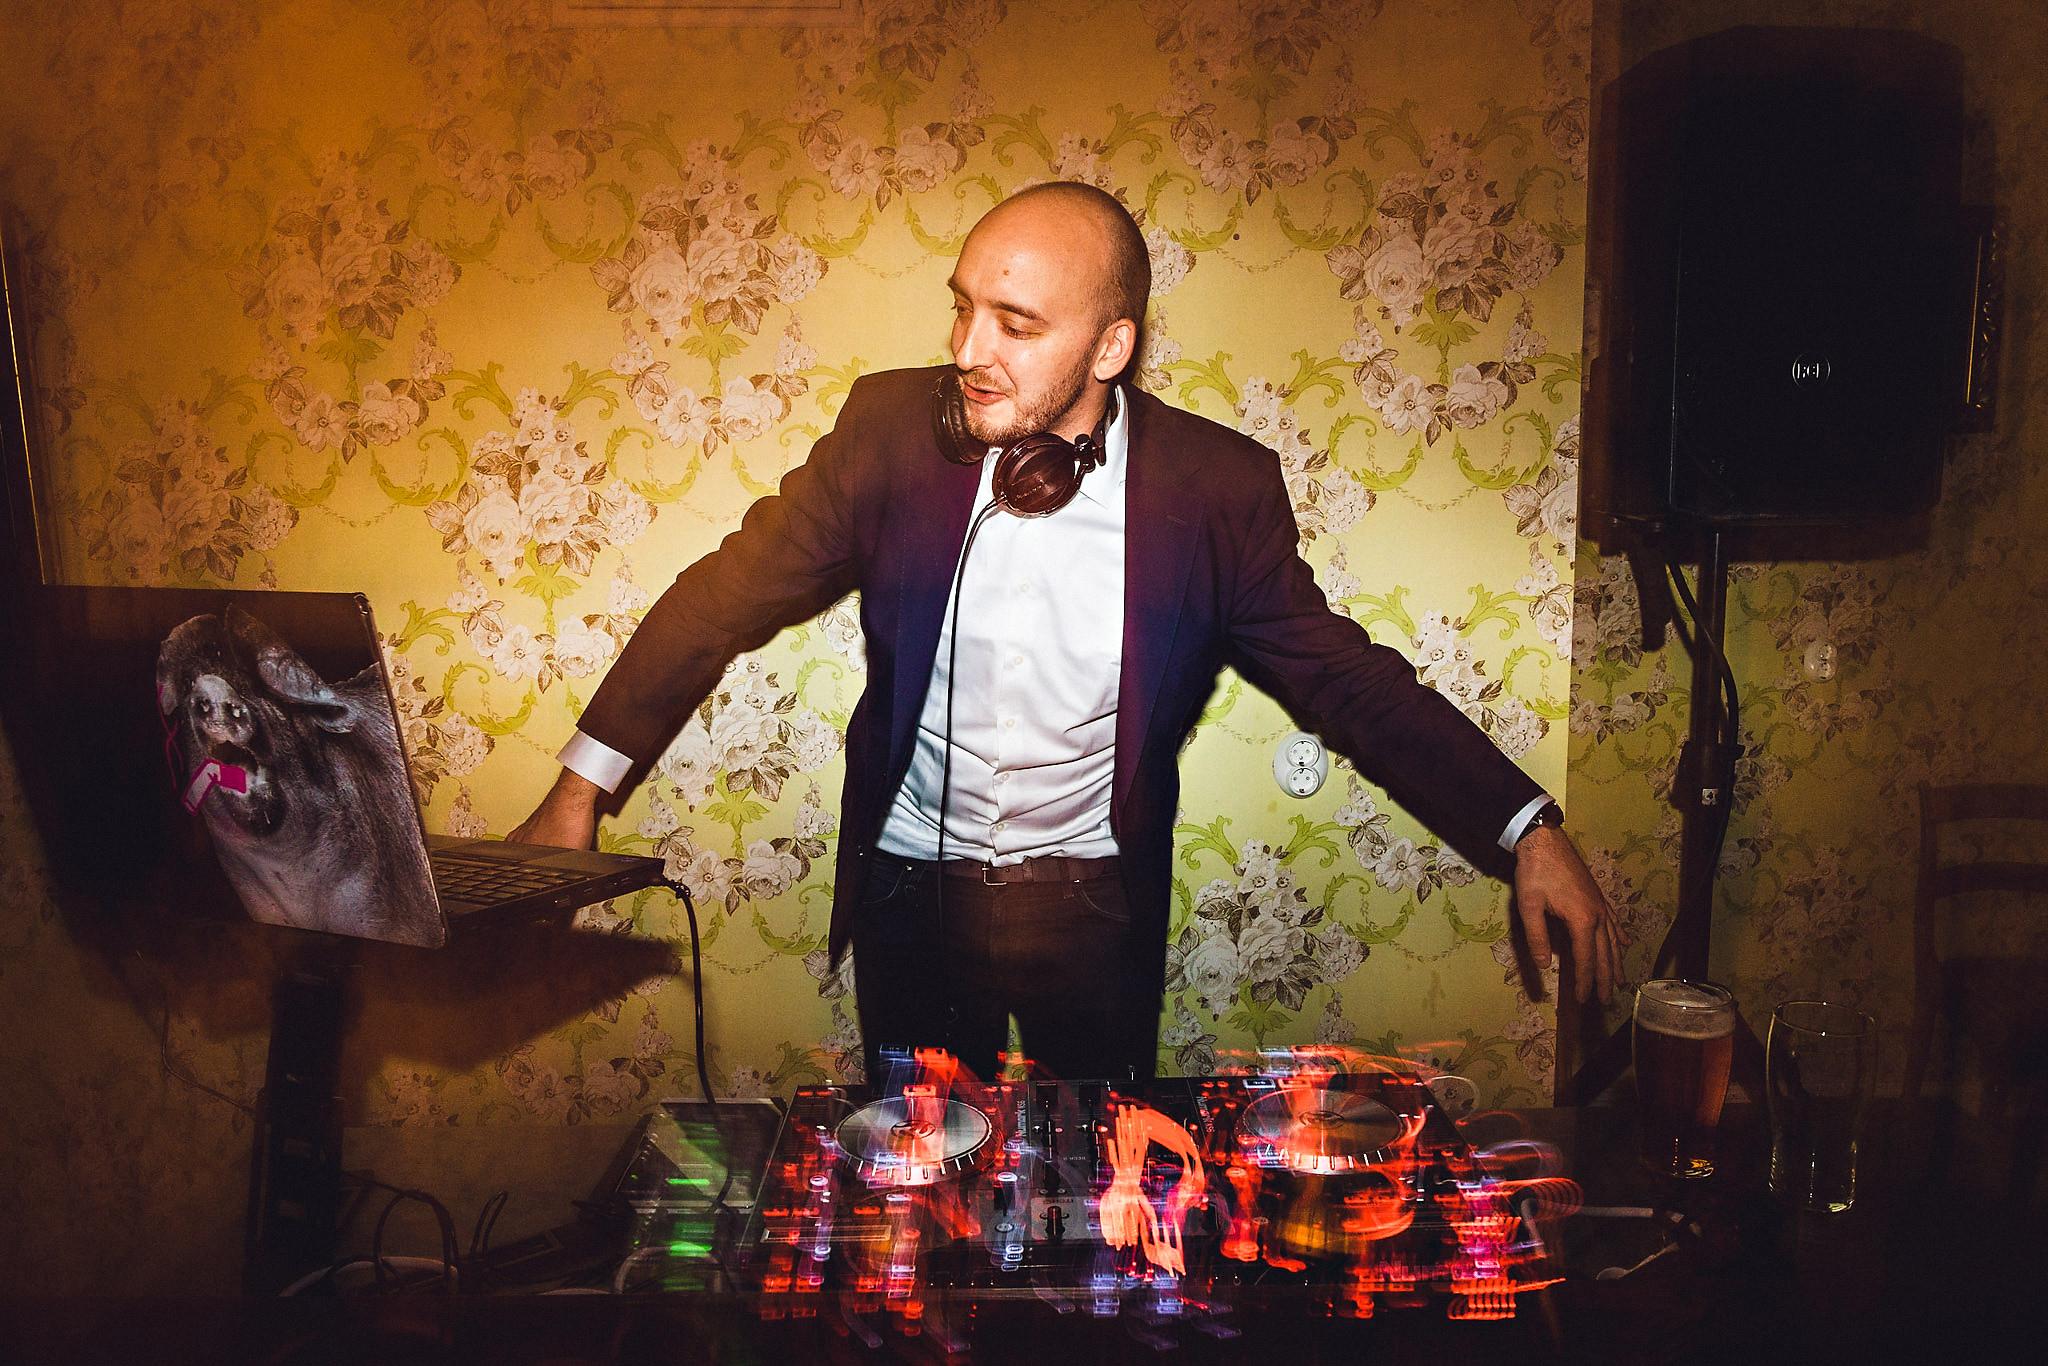 En profesjonell DJ vet å lese dansegulvet og skru stemningen opp til 11. Foto:  Eirik Halvorsen